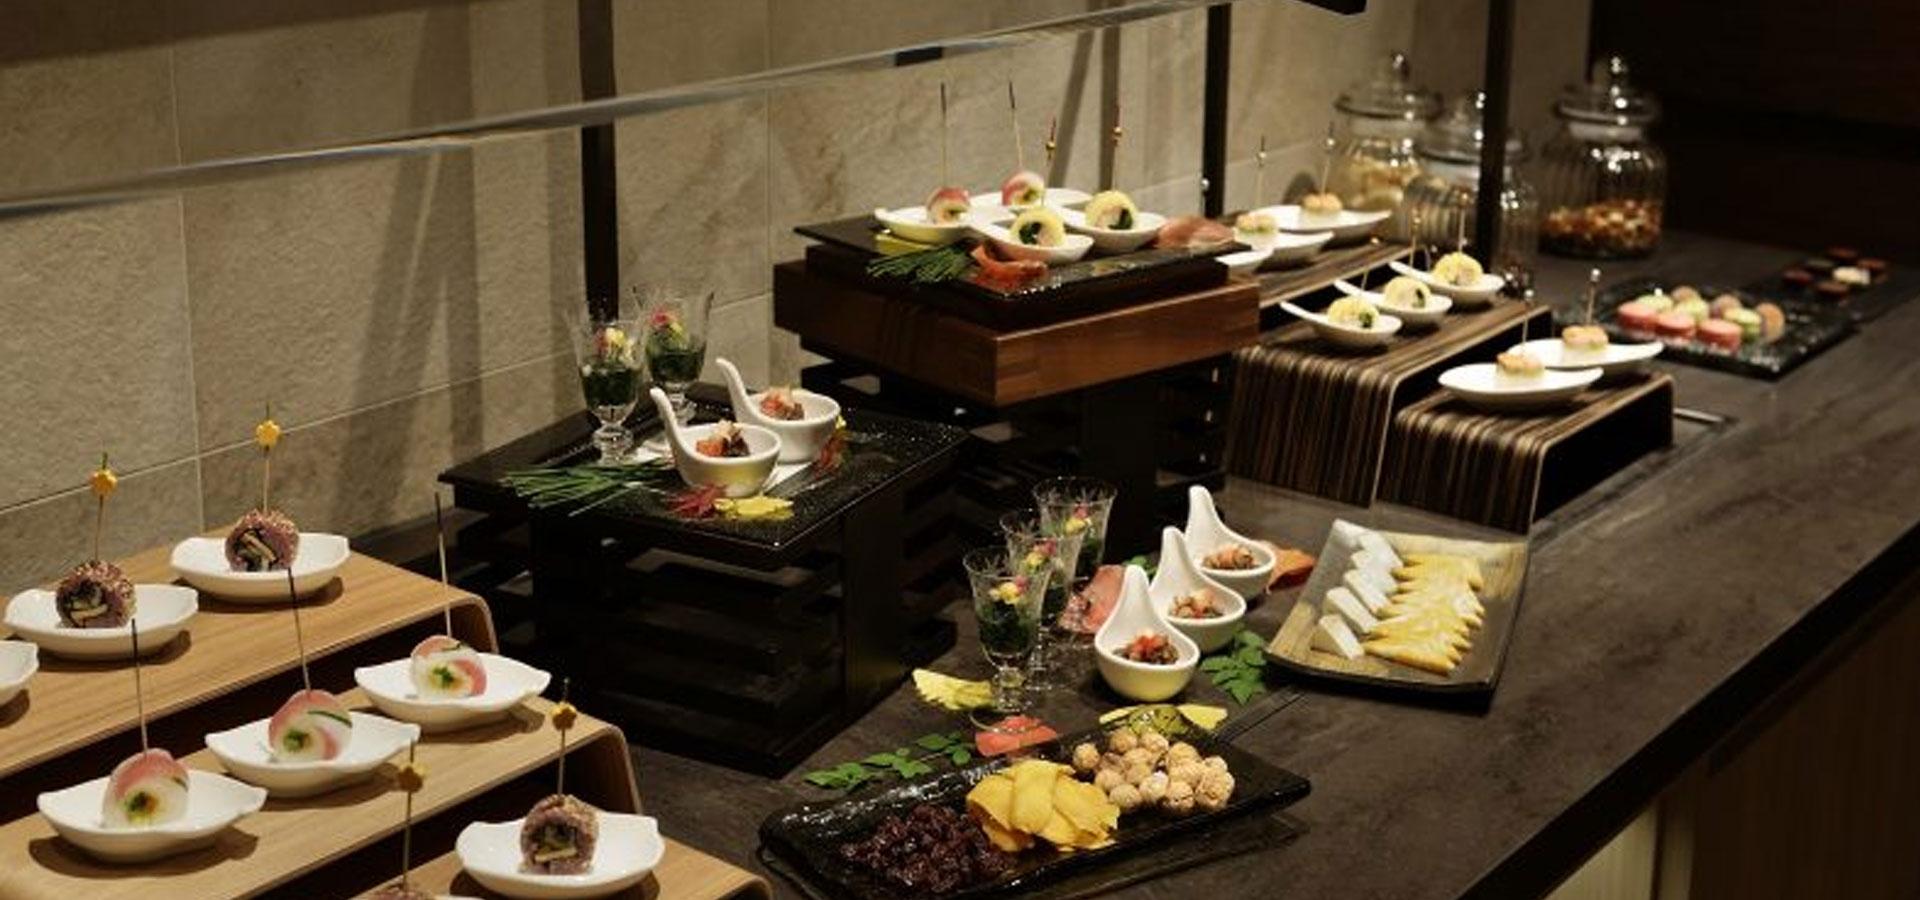 Club Lounge Hanamiyabi